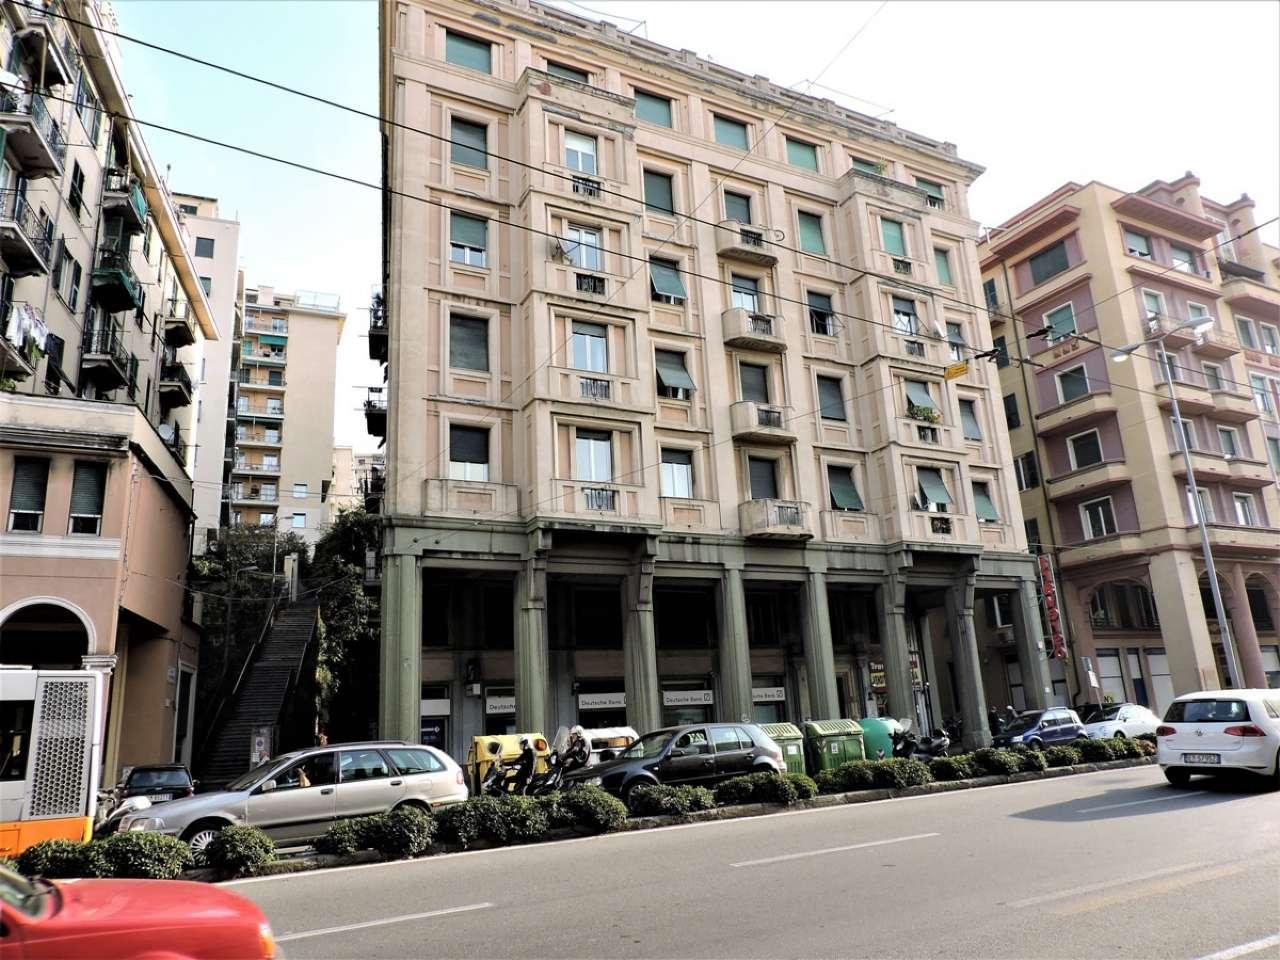 Attico / Mansarda in affitto a Genova, 5 locali, zona Zona: 8 . Sampierdarena, Certosa-Rivarolo, Centro Ovest, S.Teodoro, prezzo € 400 | CambioCasa.it